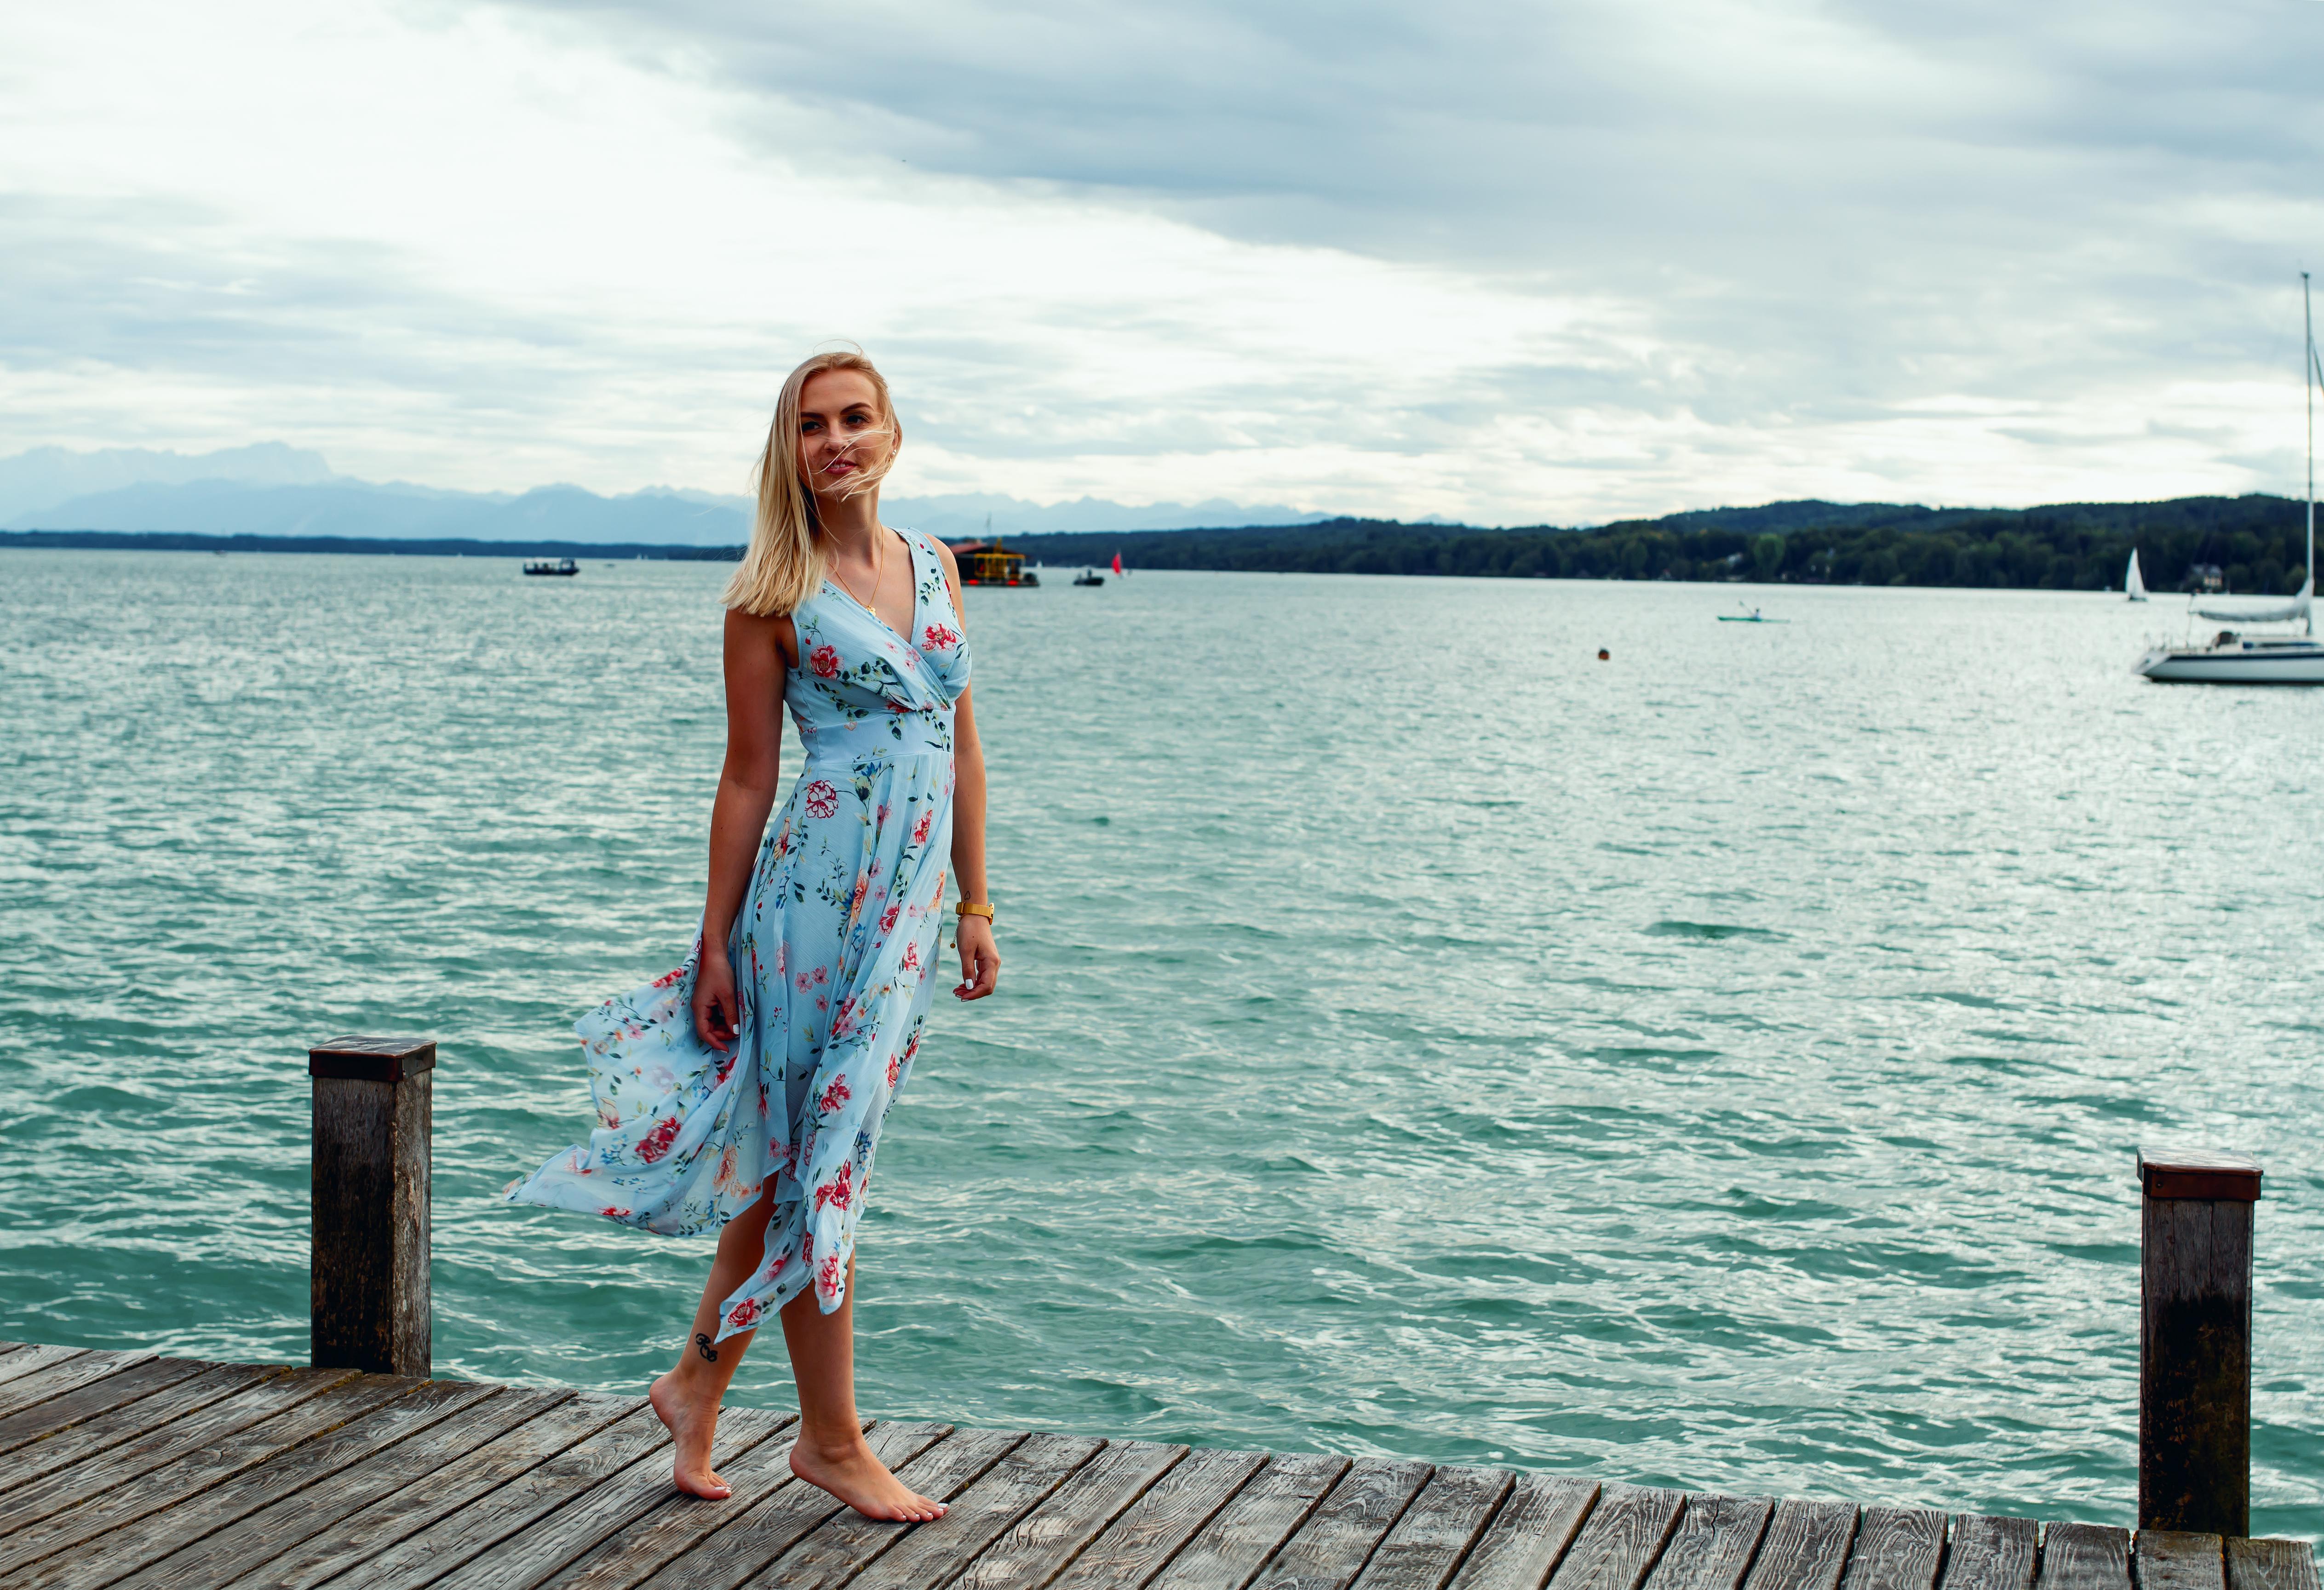 Katefully, 1 Jahr als Blogger, München, Starnberger See, Fashionblog, Modeblog, Sommerkleid, Blogger Beruf, Munich, Outfit, ootd, Dress, Bloggerin